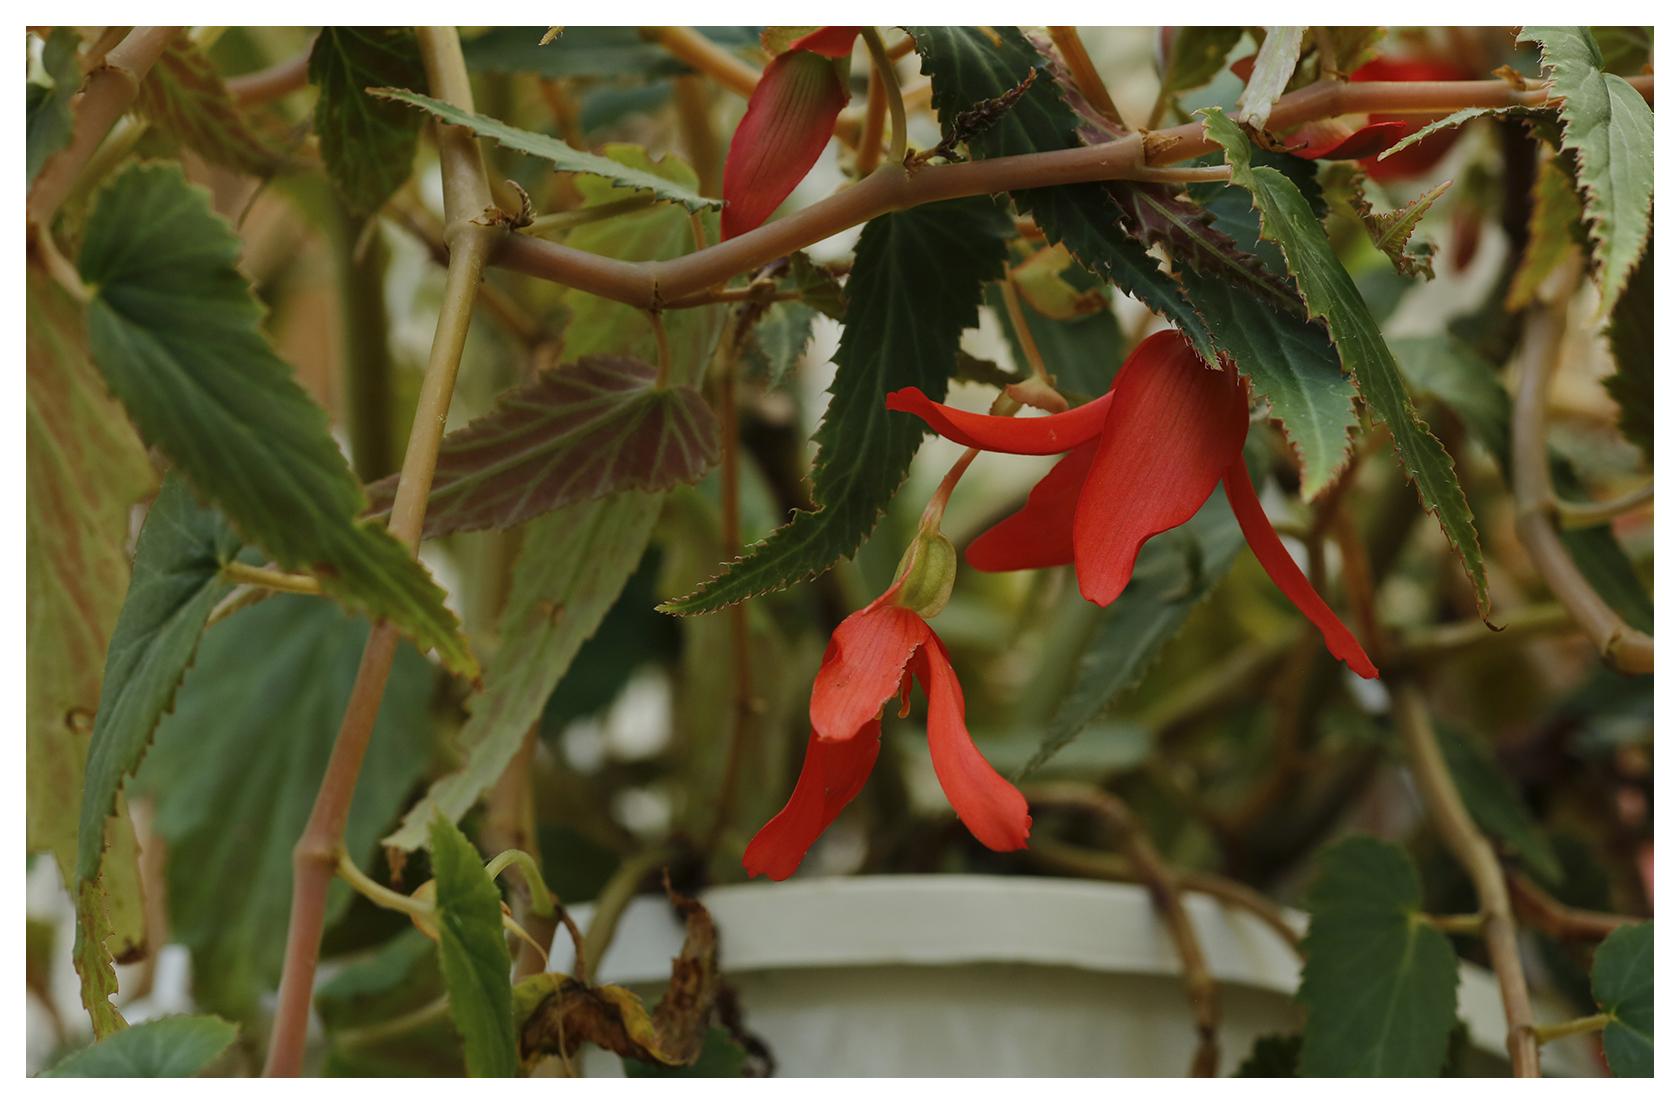 Dragon's Tongue Begonia